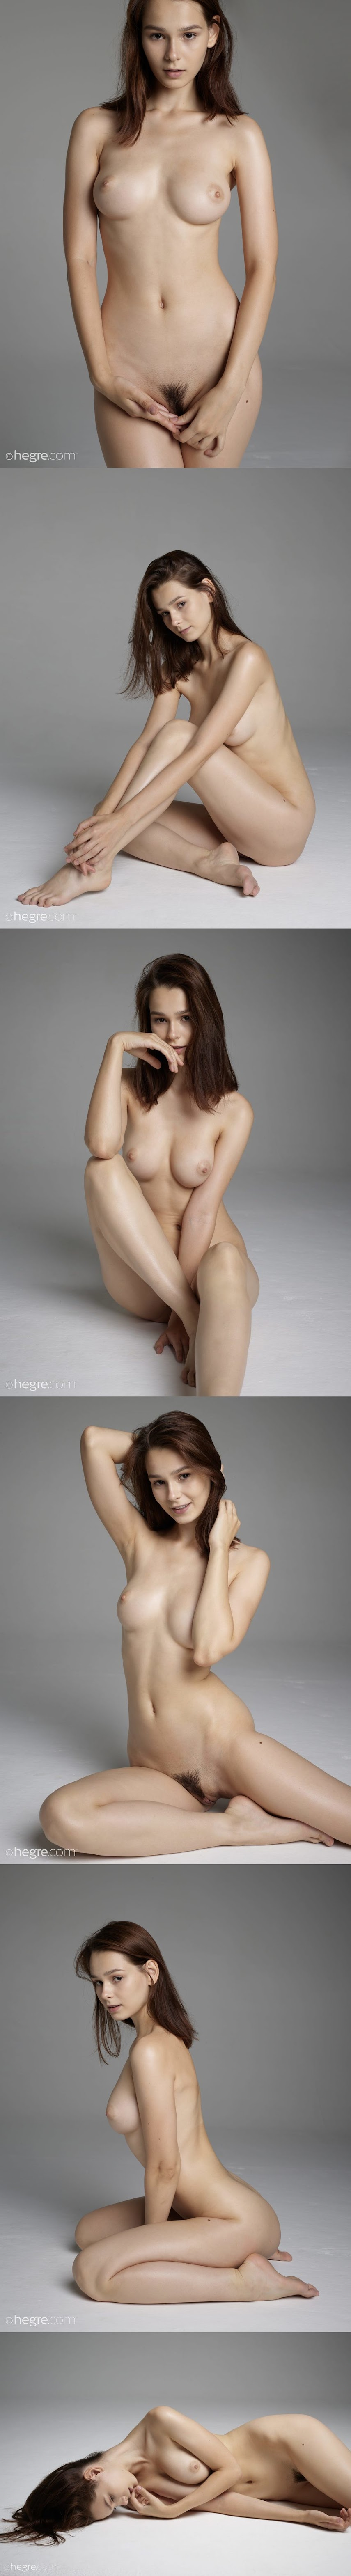 [Art] Tasha (Irina Telicheva) - Russian Beauty sexy girls image jav